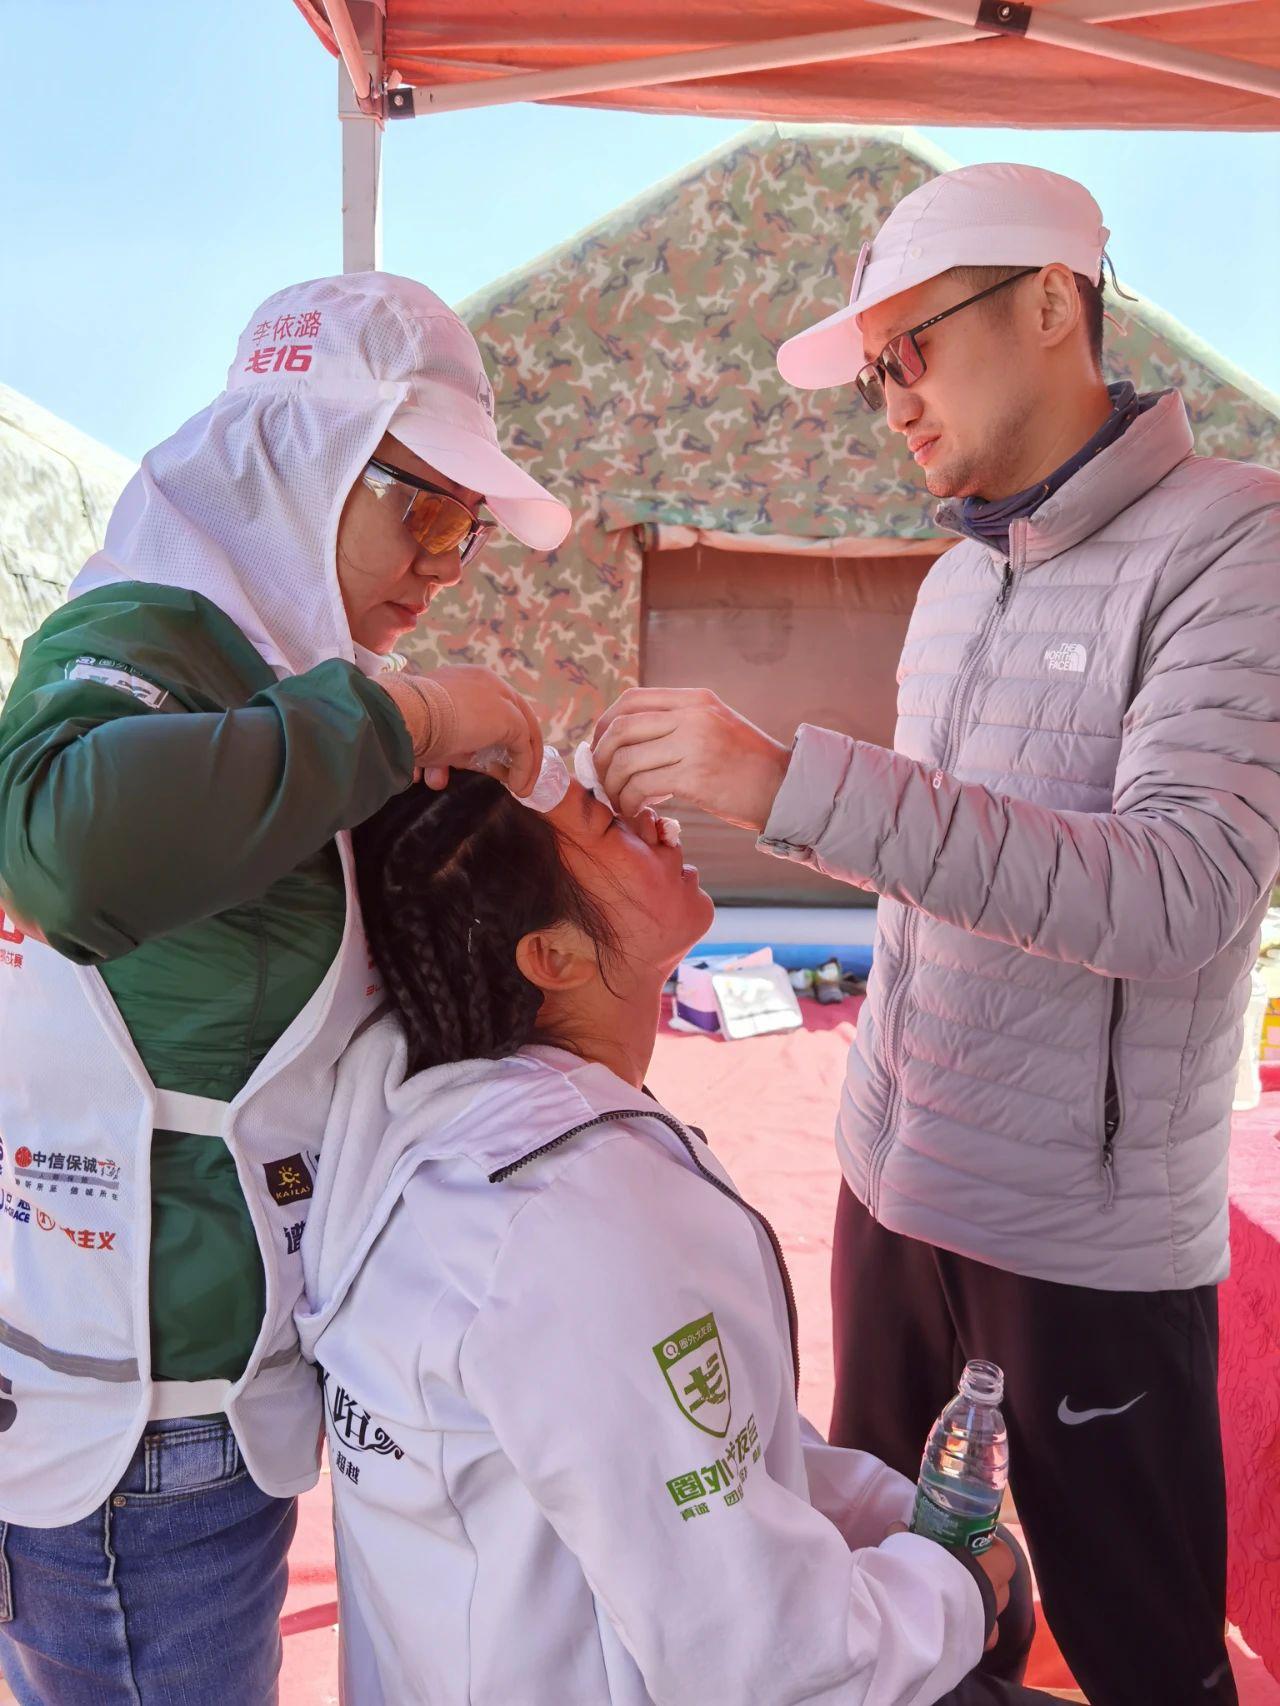 图4.刘小垒主任在实施运动损伤医疗援助